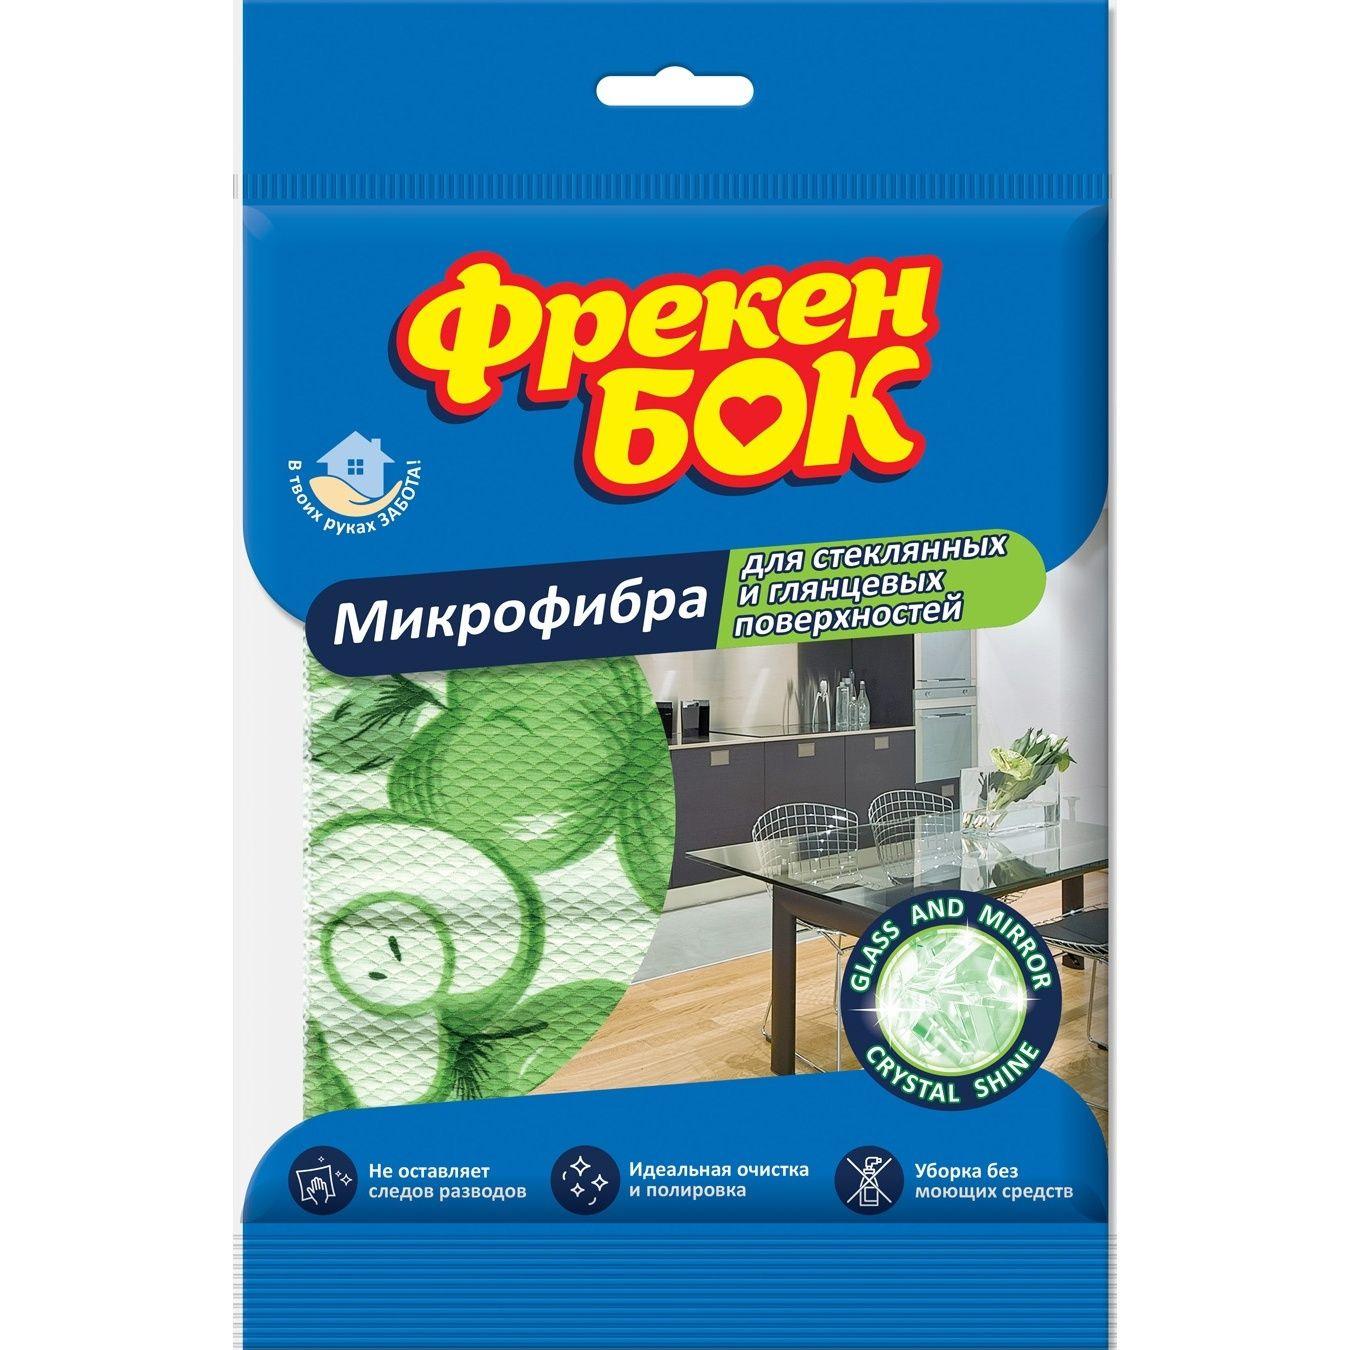 Микрофибра салфетка для стеклянных и глянцевых поверхностей, 37,5*37,5см.